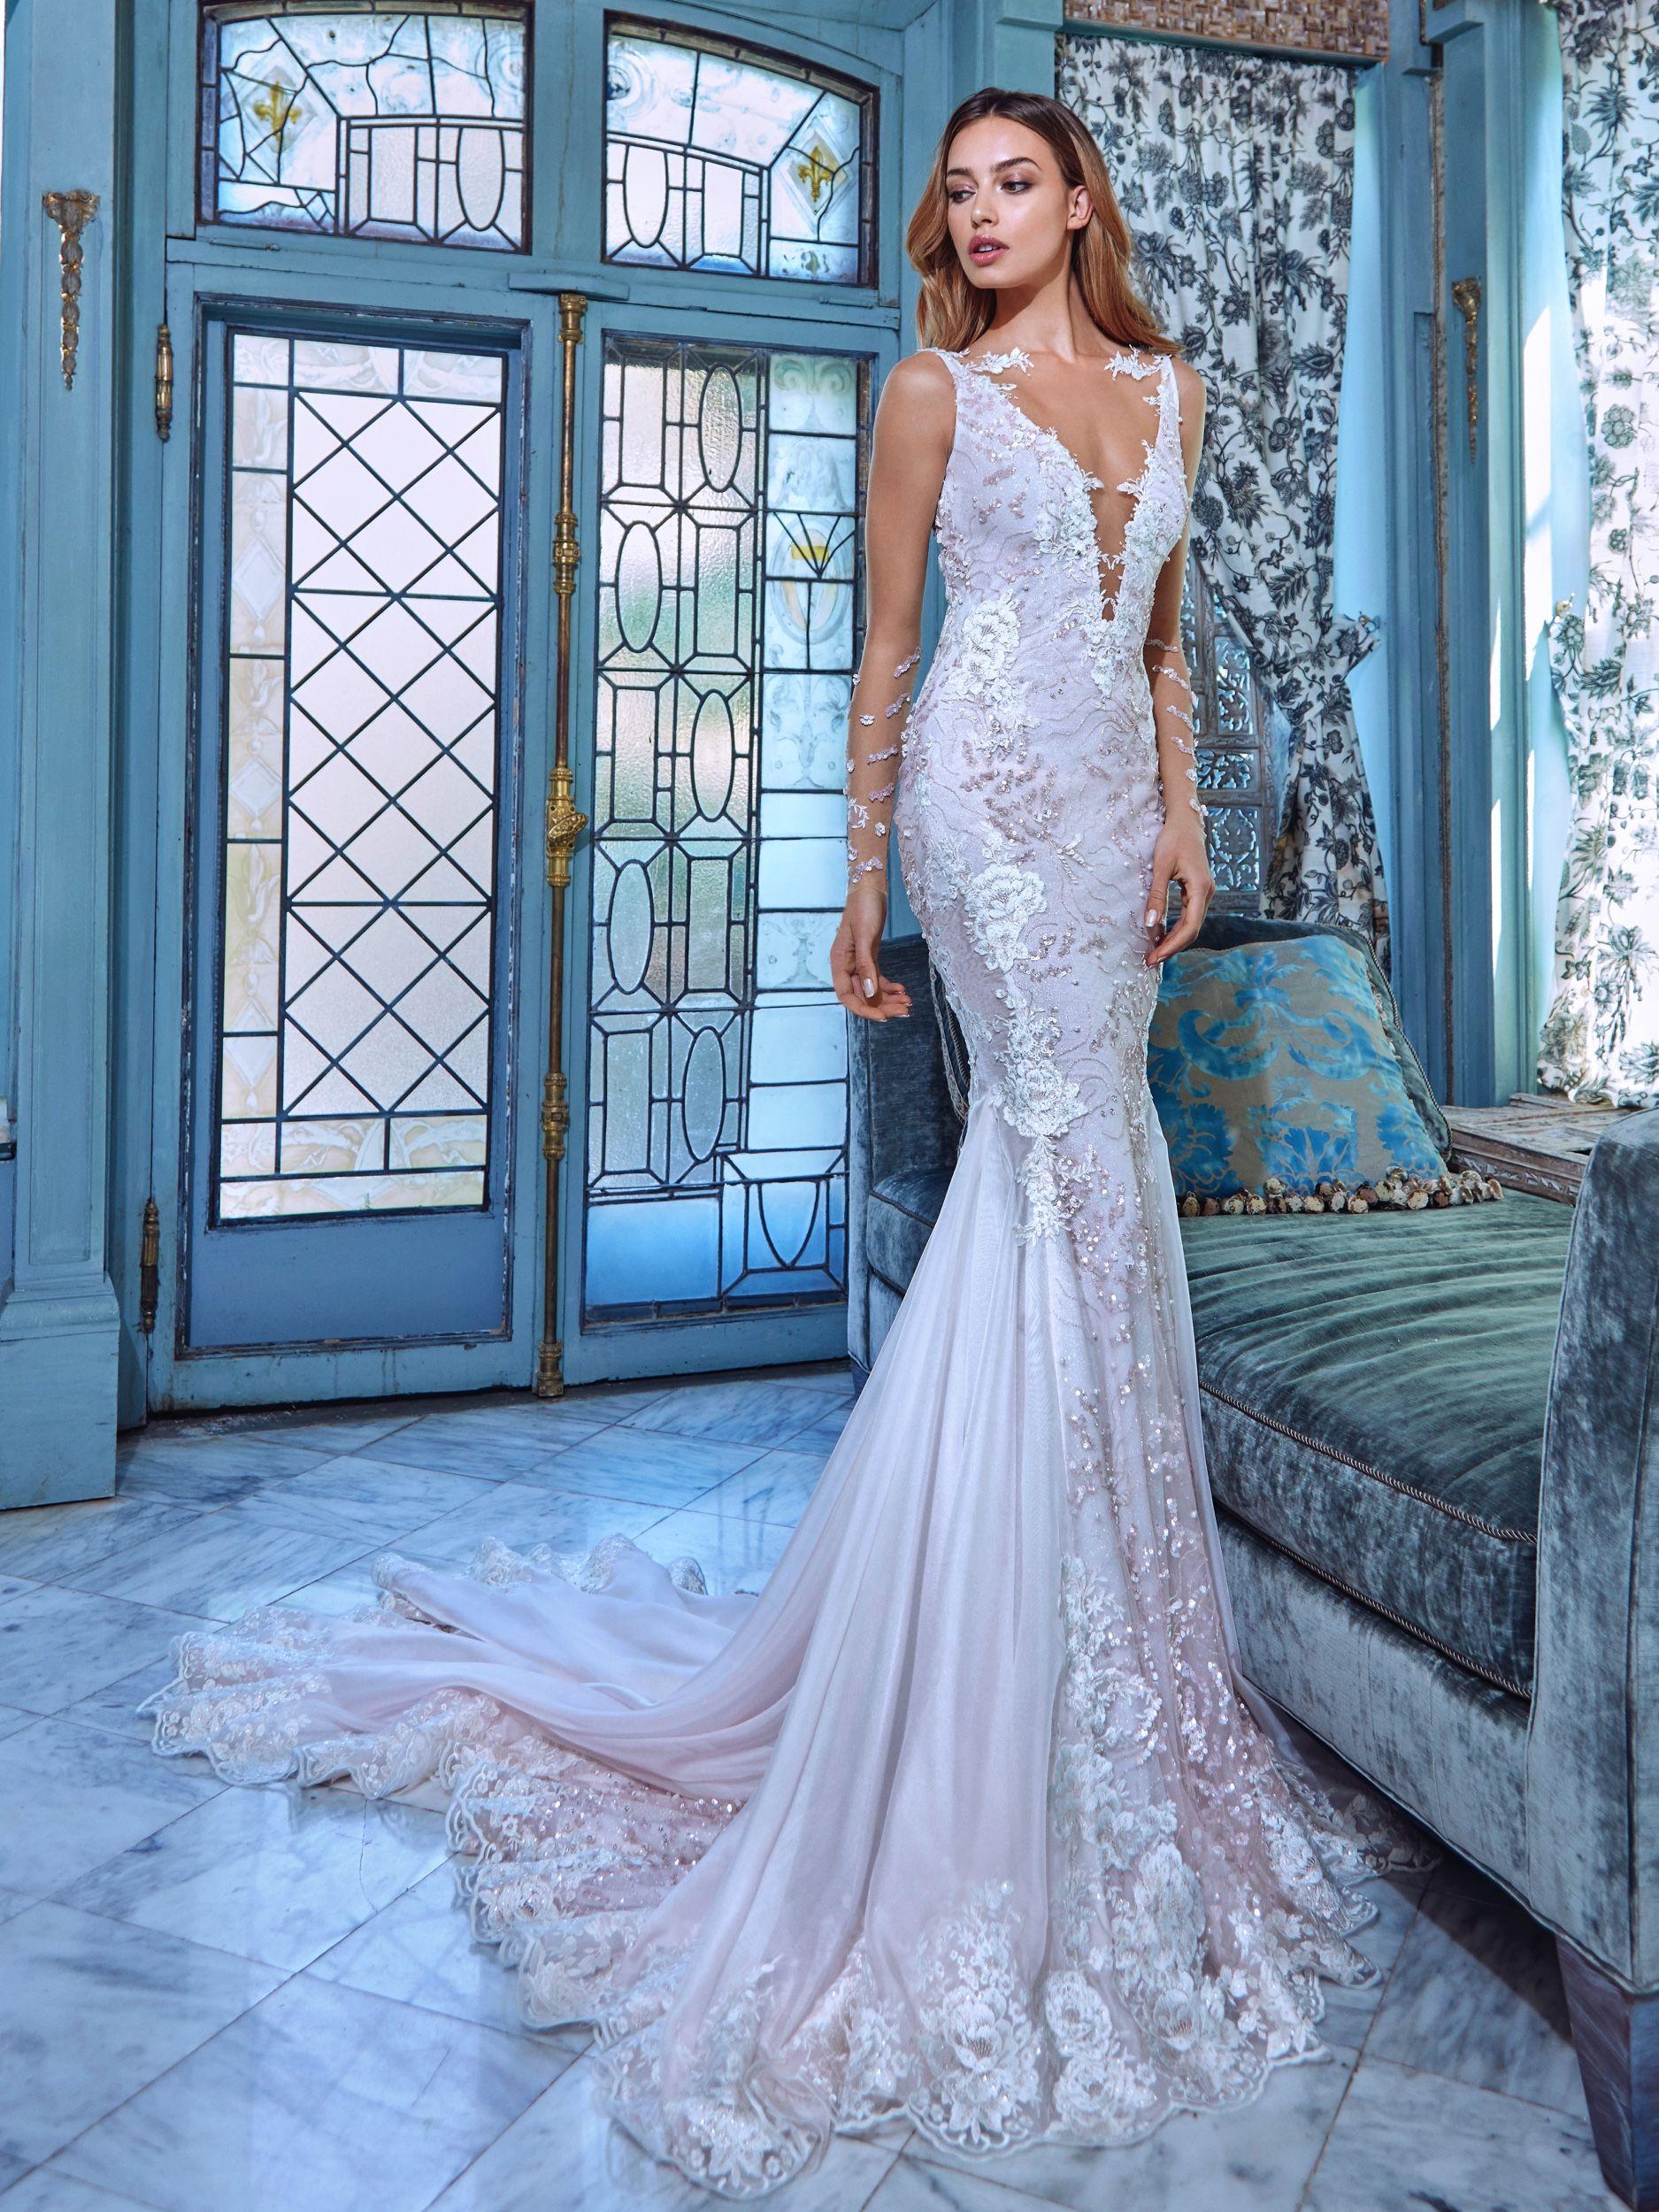 تصميمات رائعة لفساتين الزفاف من المصممة جاليا لاهافا 2017 Fantastic ...